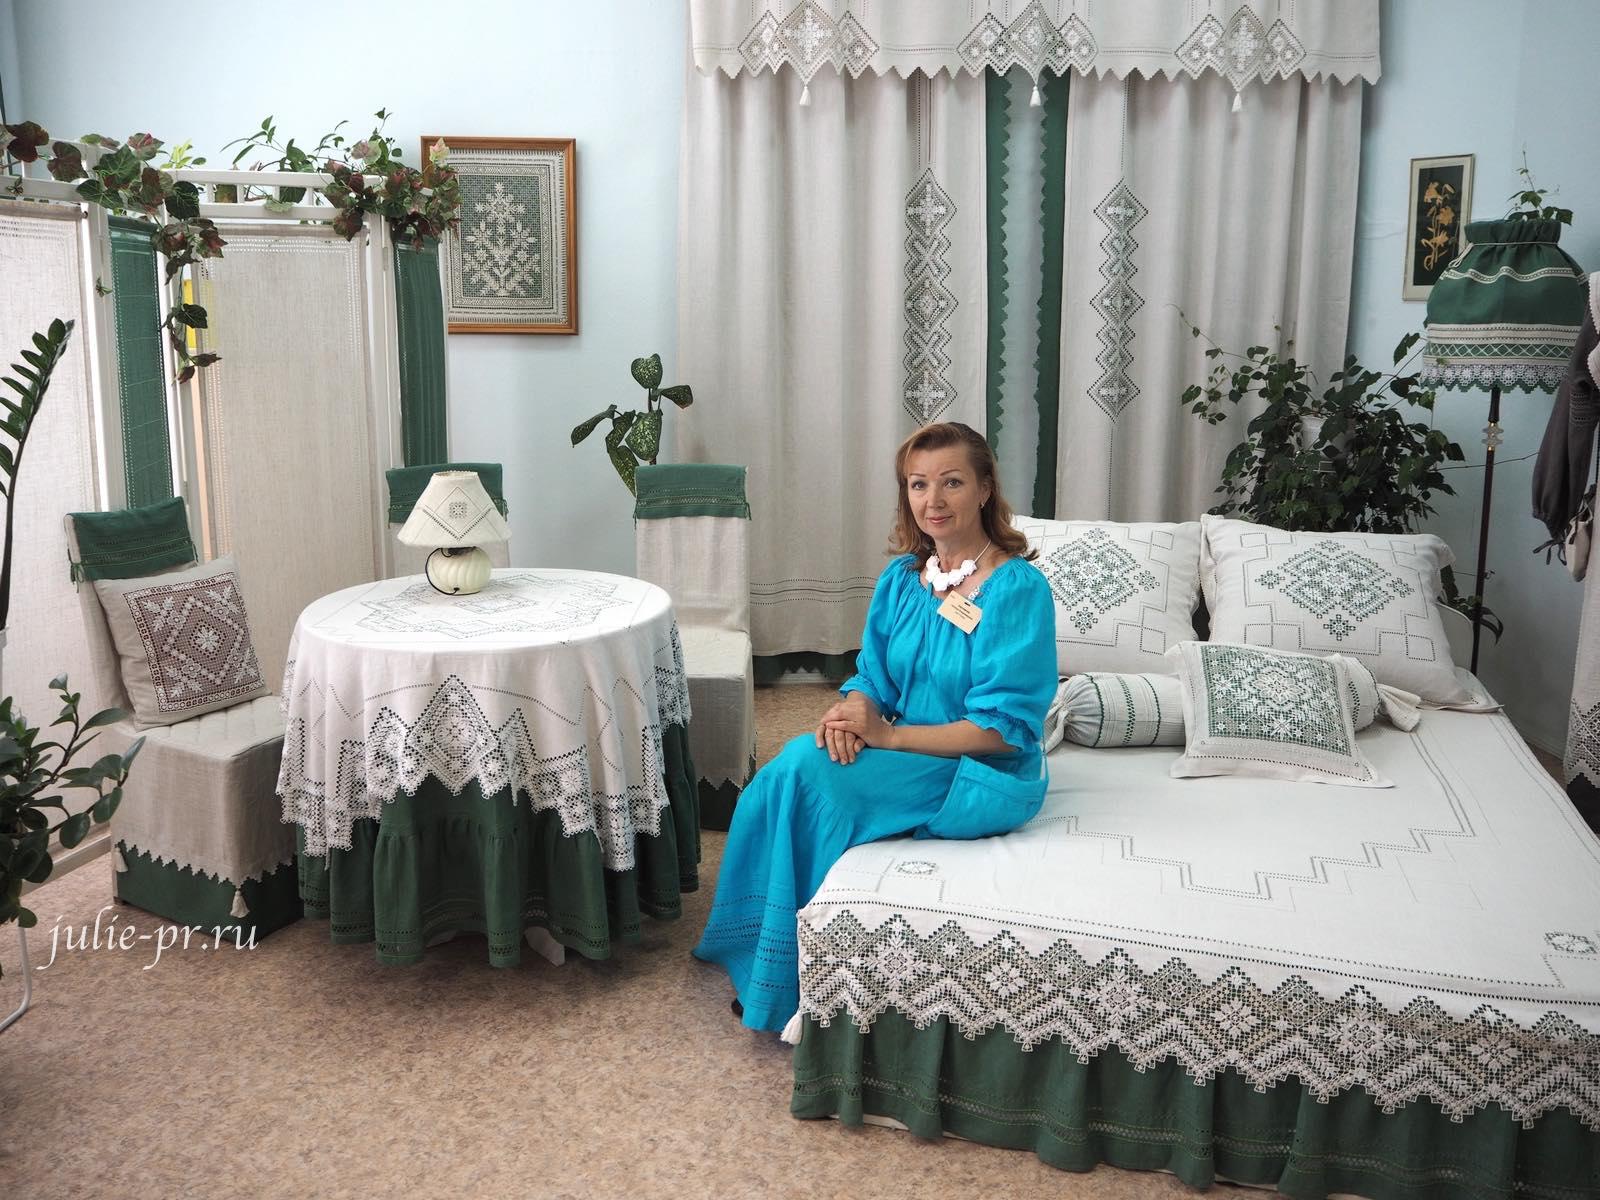 Чкаловск, Горьковский гипюр, Нижегородский гипюр, вышивка, вышитое постельное белье, постельное белье с вышивкой